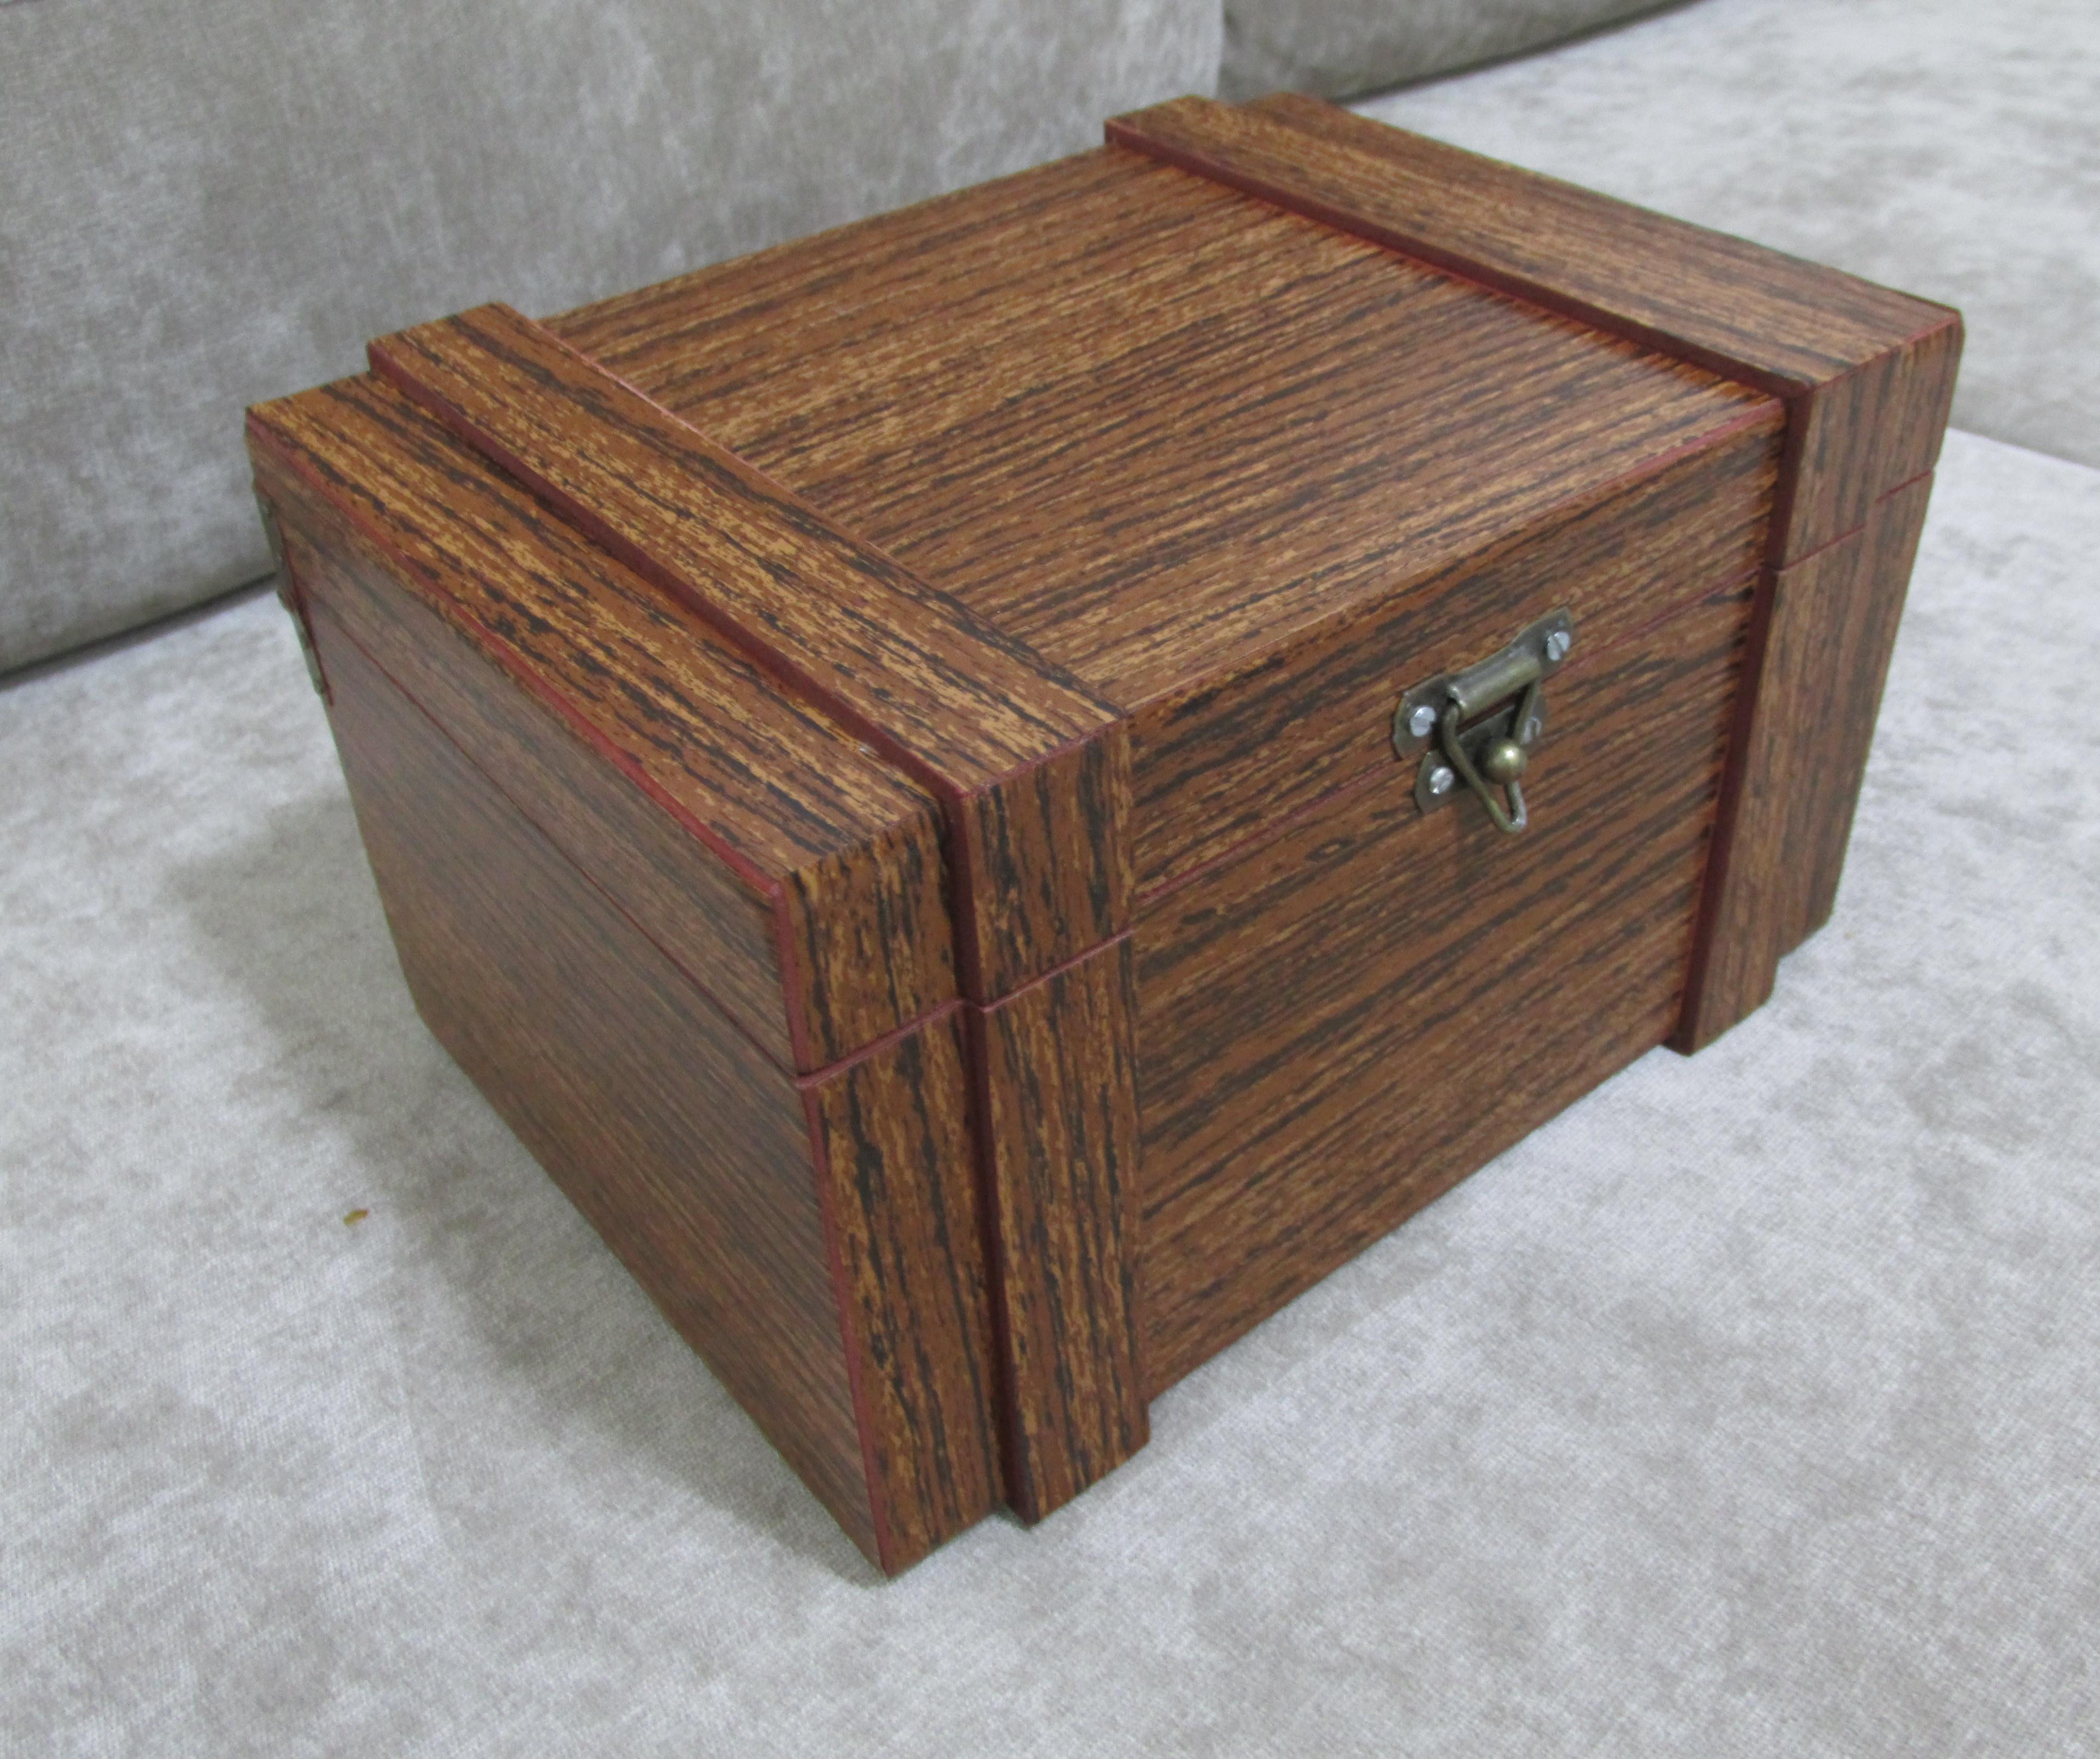 bau de madeira feche de metal bau de madeira bauzinho bau de madeira  #836548 3862x3234